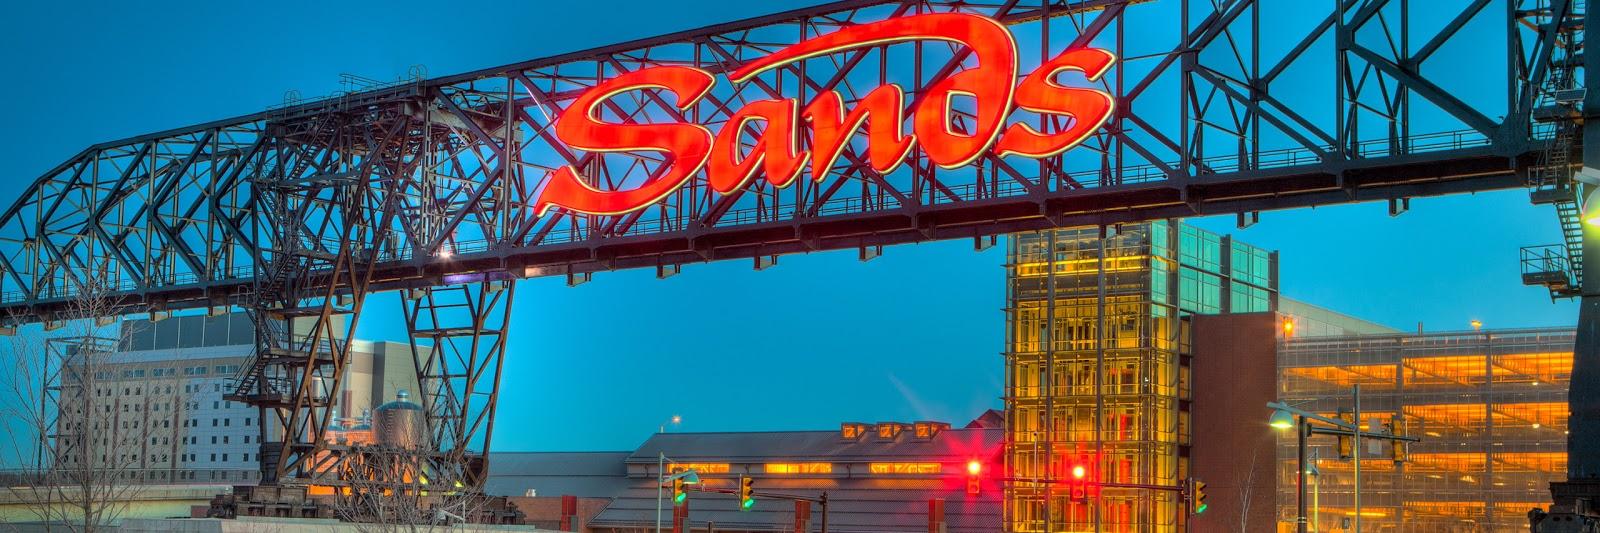 Sands casino poconos